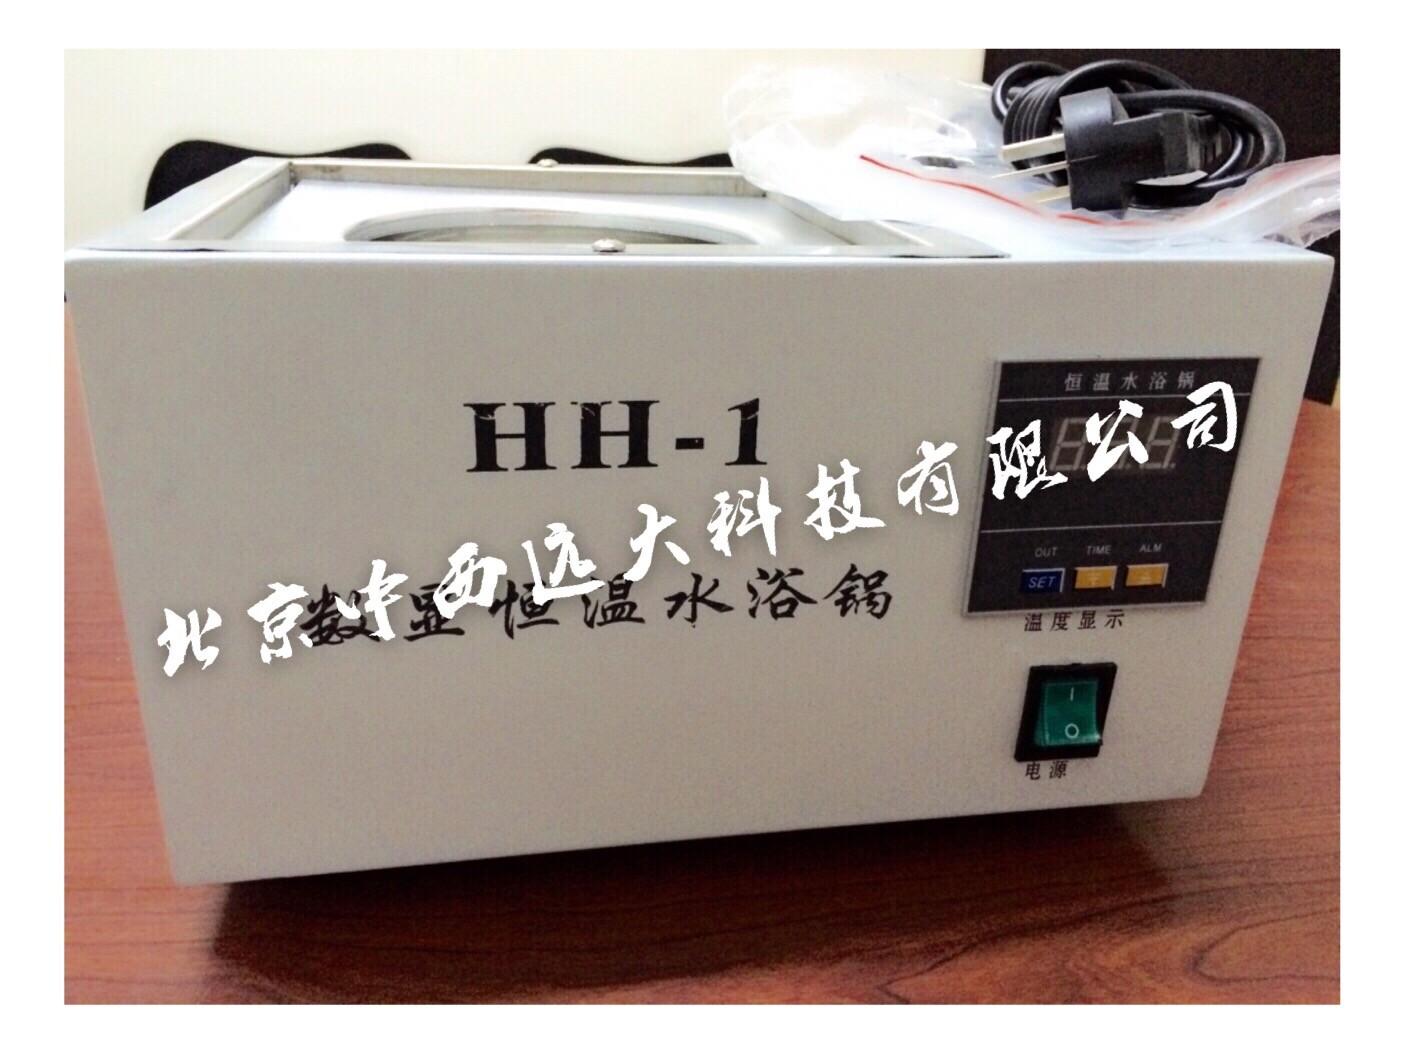 數顯單孔恒溫水浴鍋 中西器材HT177-HH-1